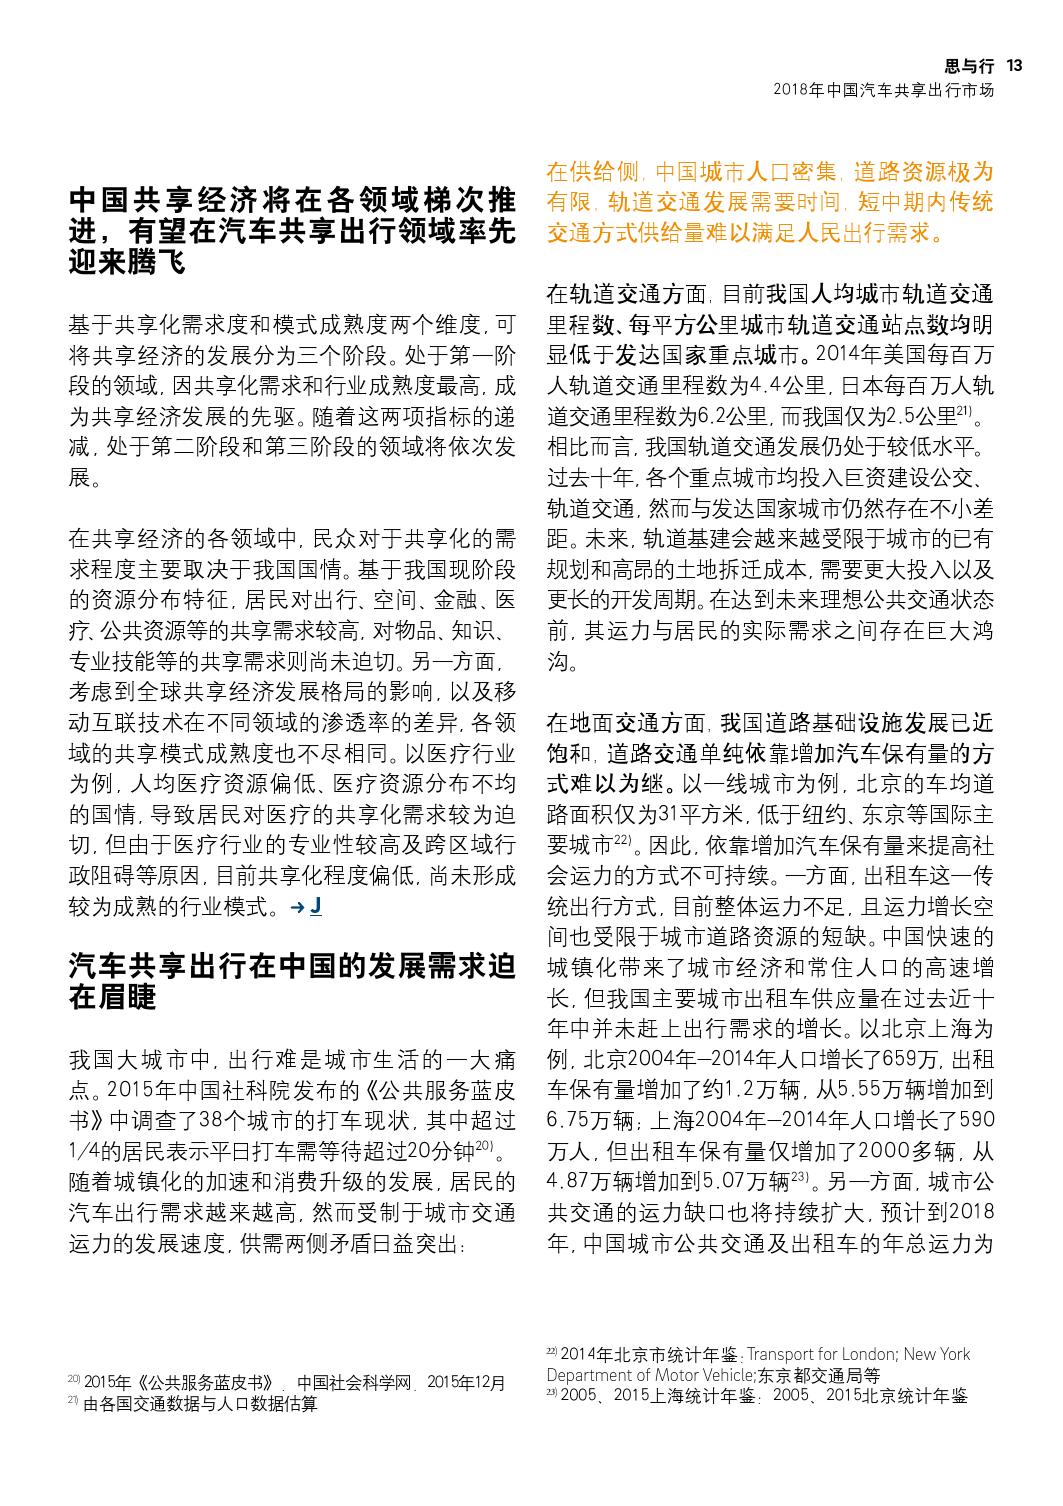 2018年中国汽车共享出行市场分析预测报告_000013